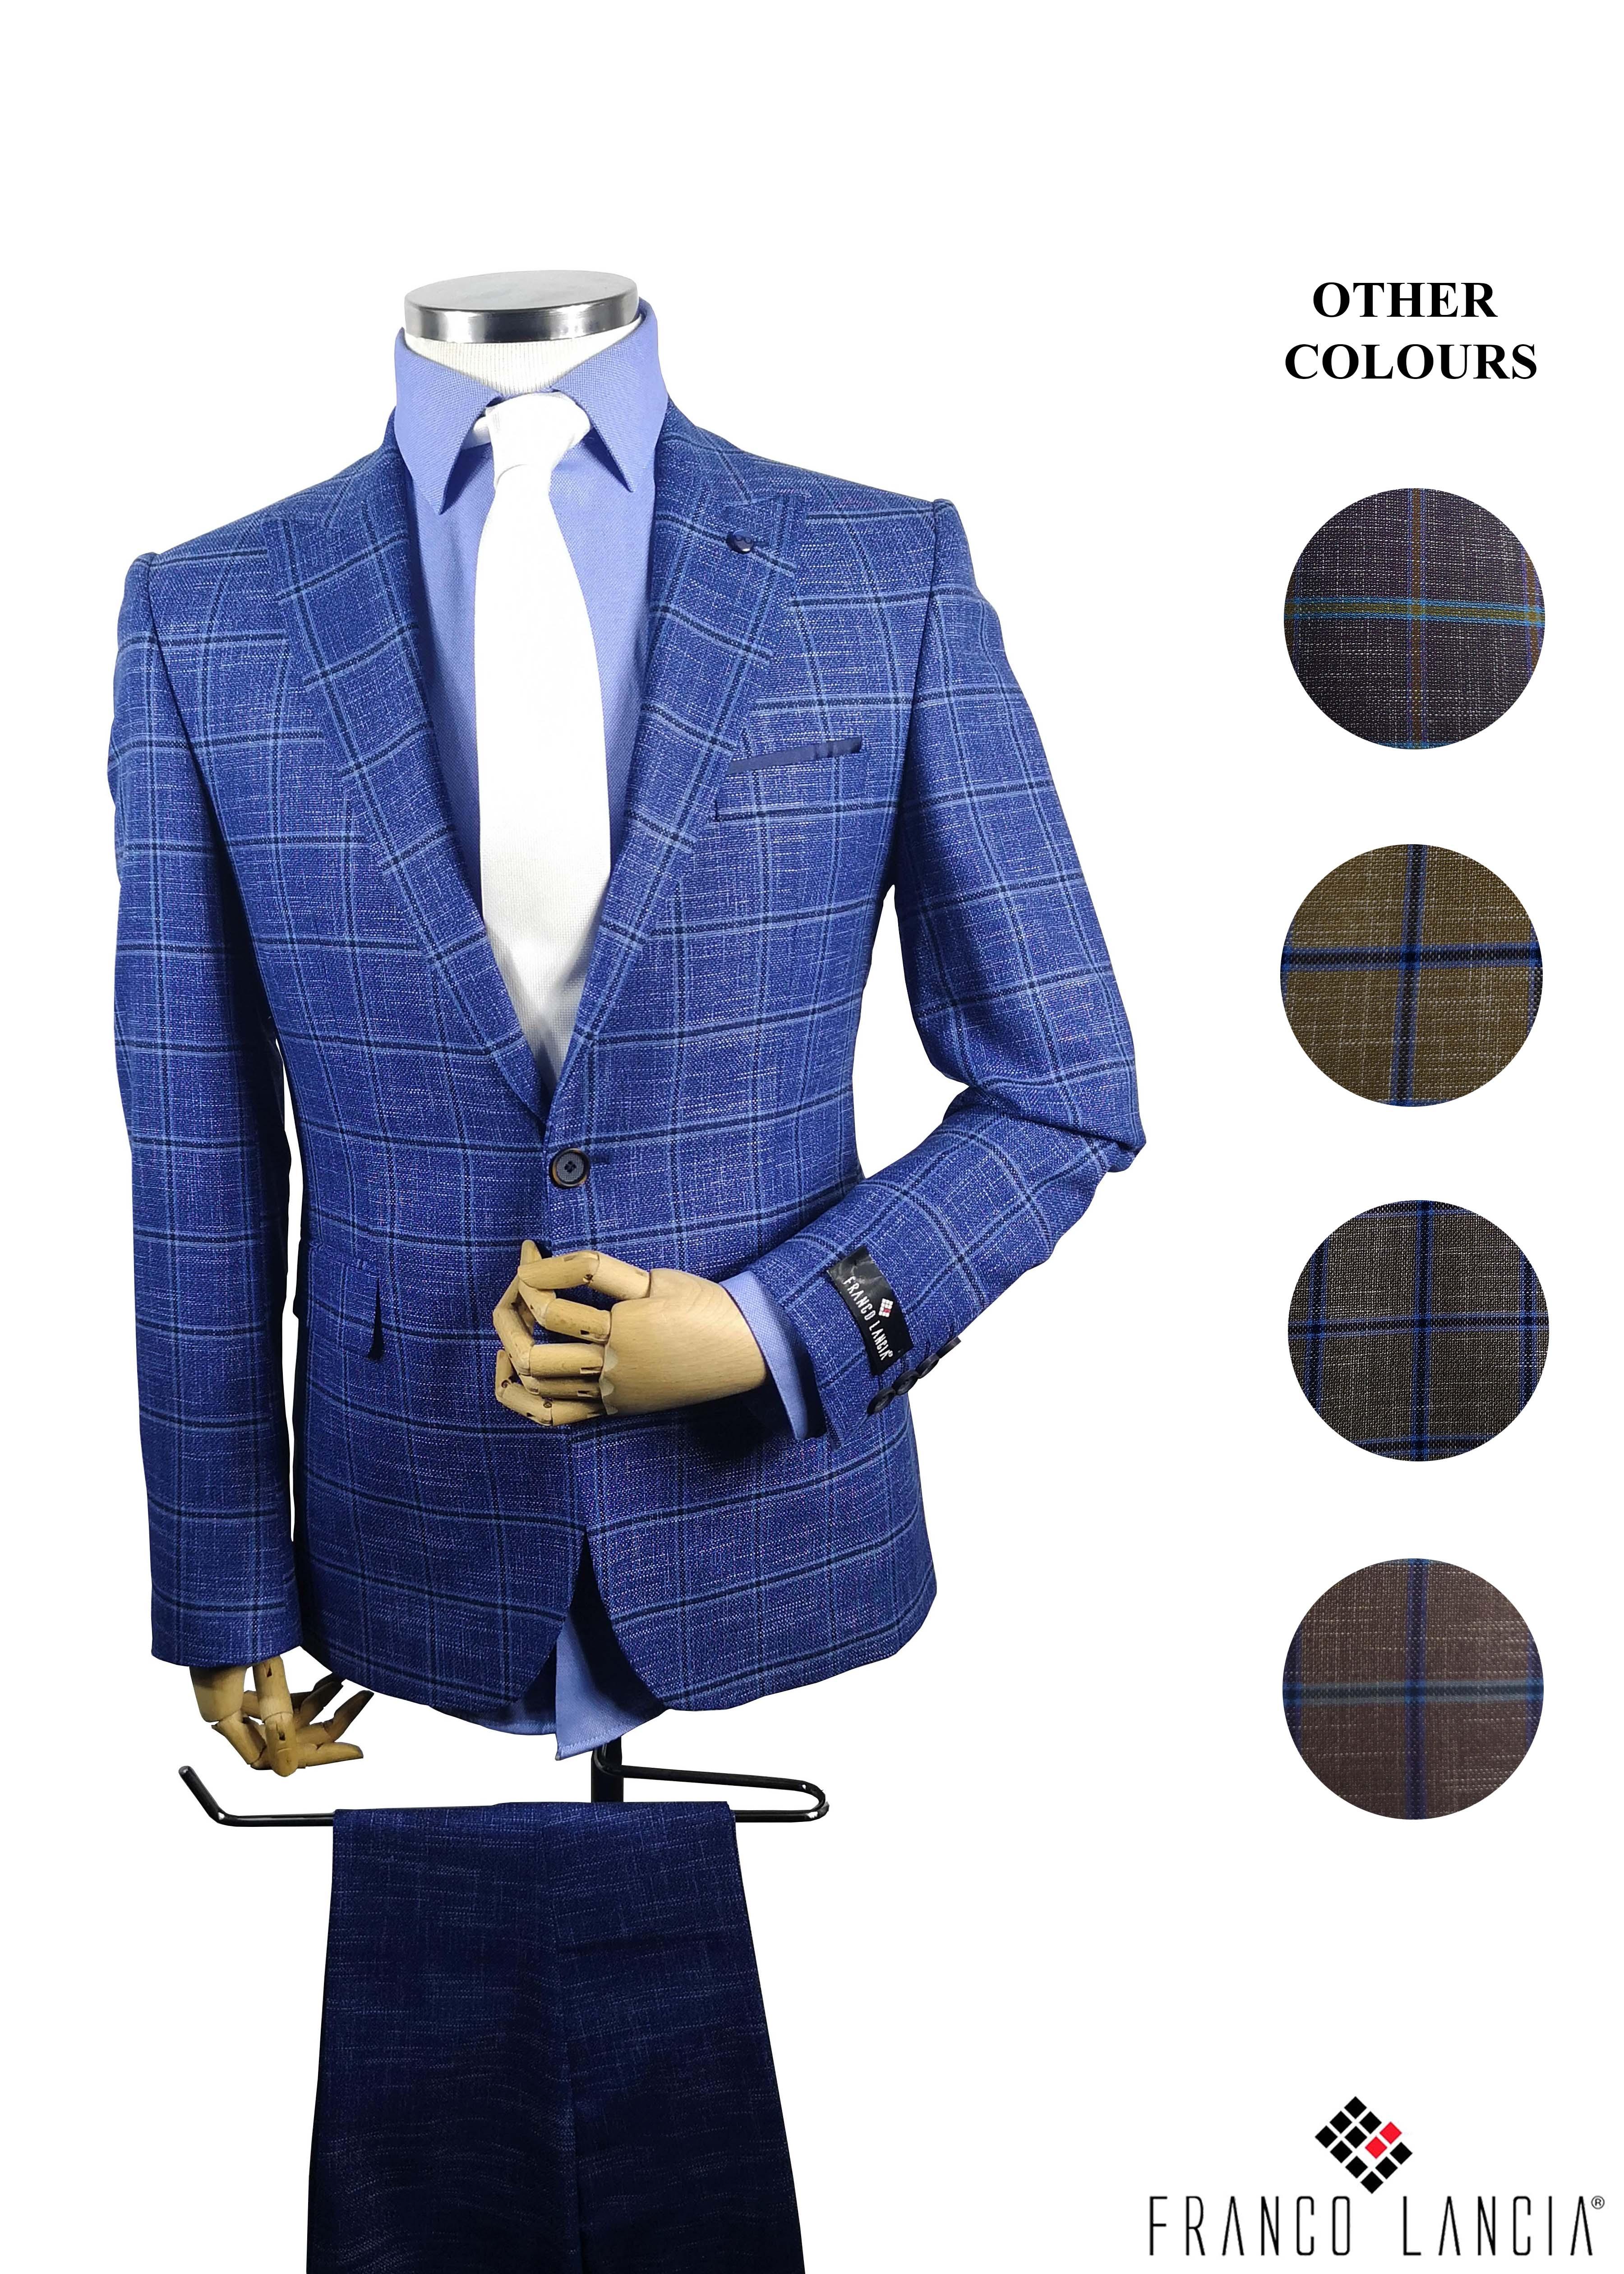 2 Piece Plaid SlimFit Suit Model and Colors